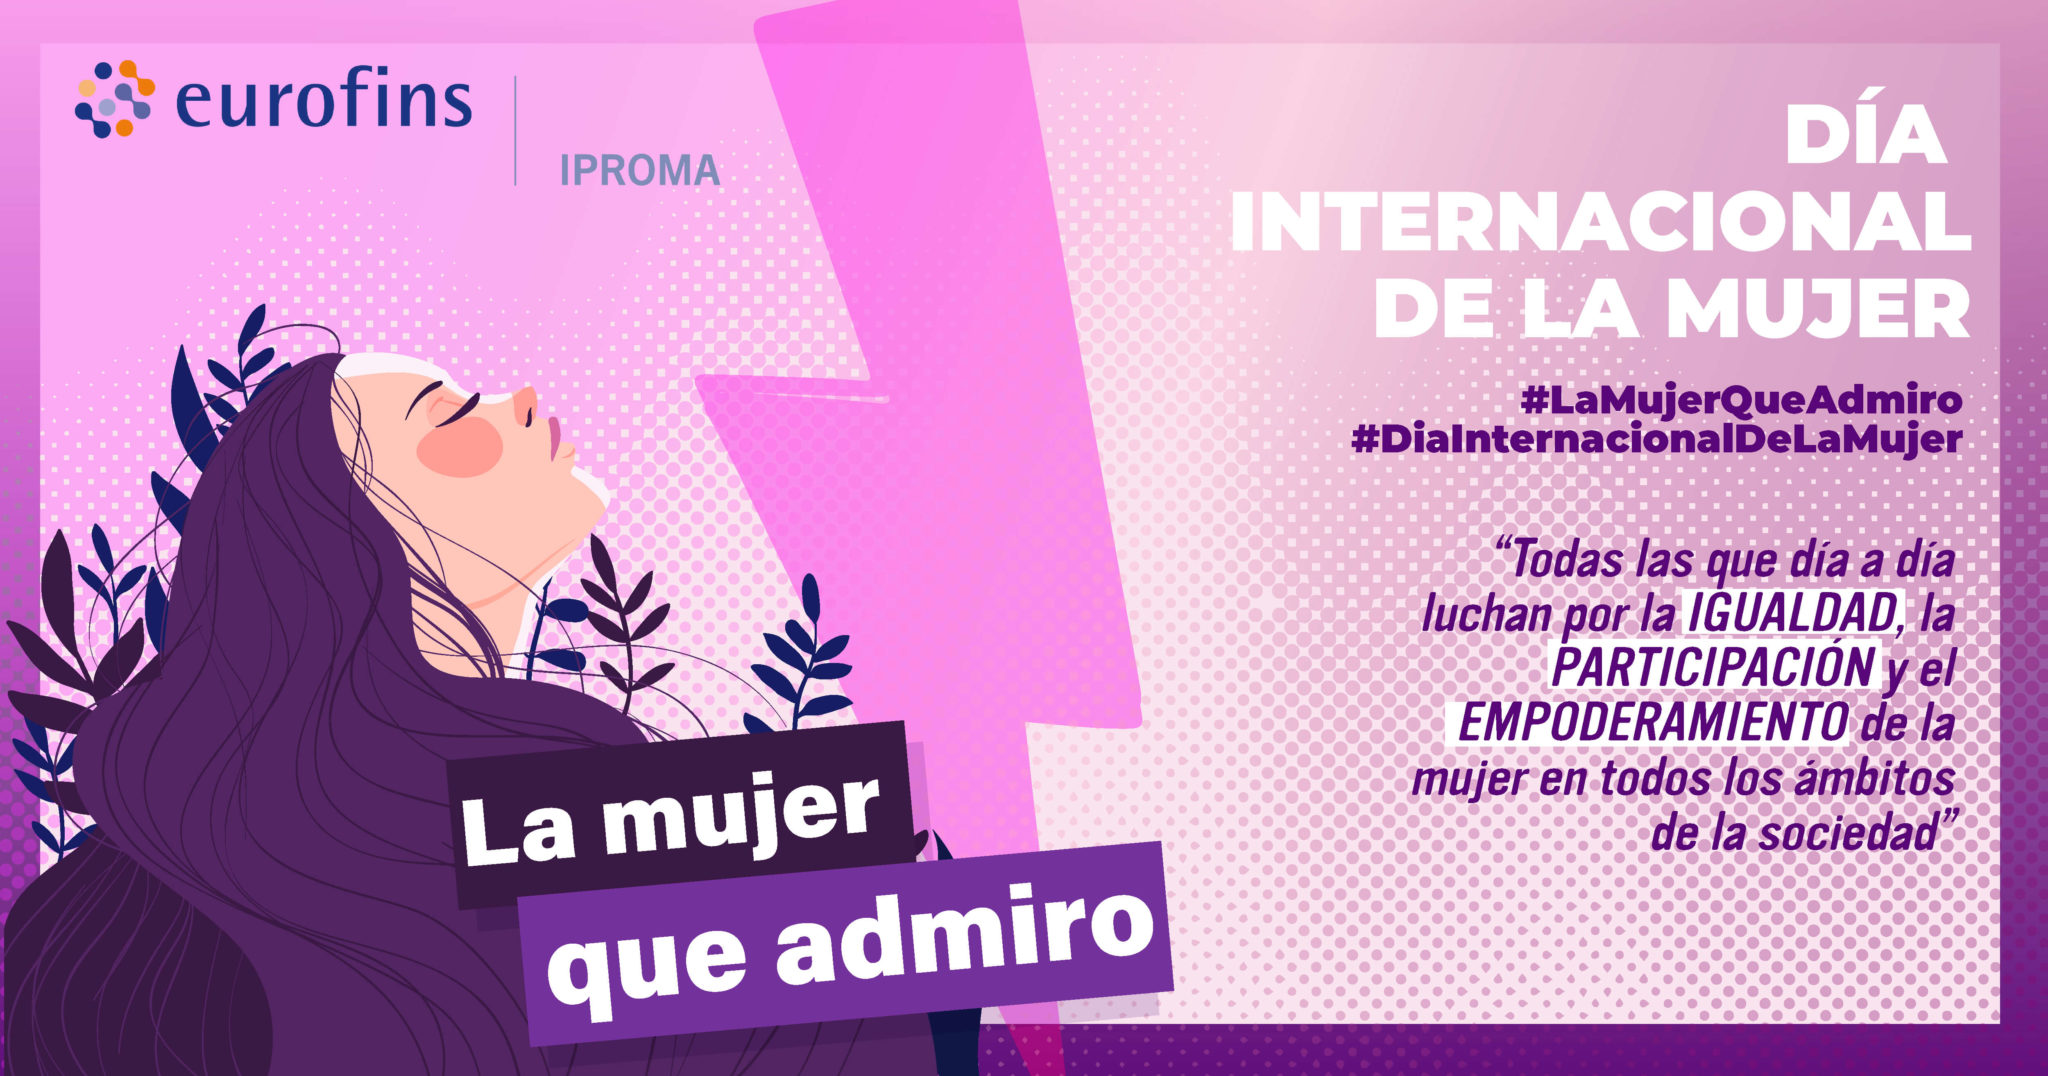 https://www.iproma.com/es/eurofins-iproma-celebra-el-dia-internacional-de-la-mujer-con-su-campana-lamujerqueadmiro/